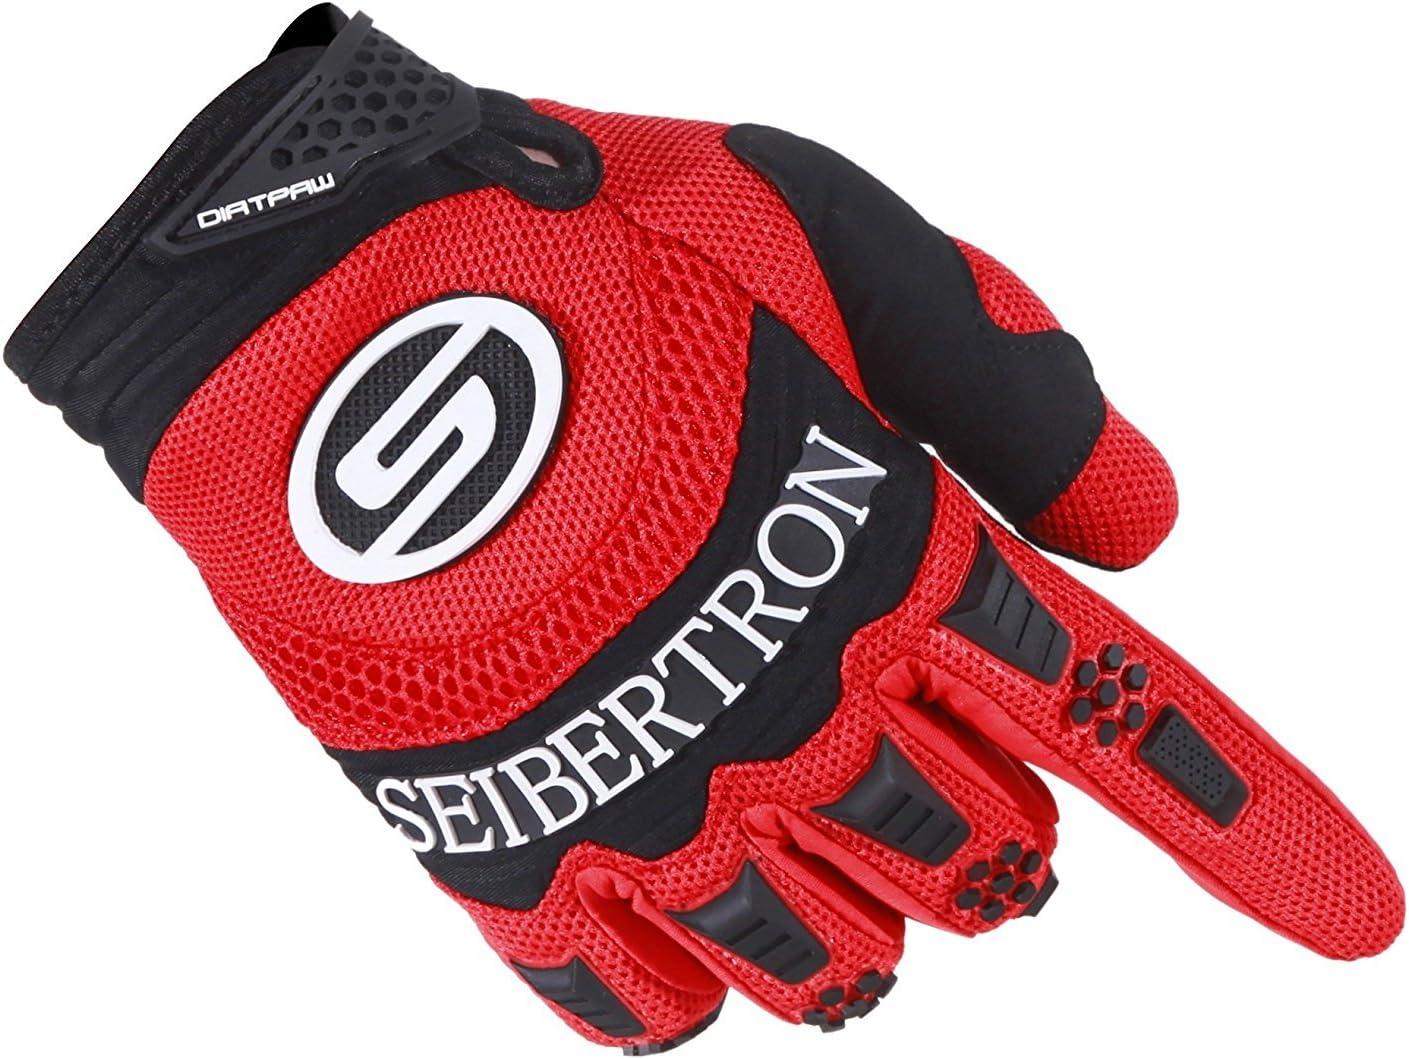 Seibertron Guanti DIRTPAW Sportivi MTB//BMX e Motocross con Imbottiture sulle nocche.